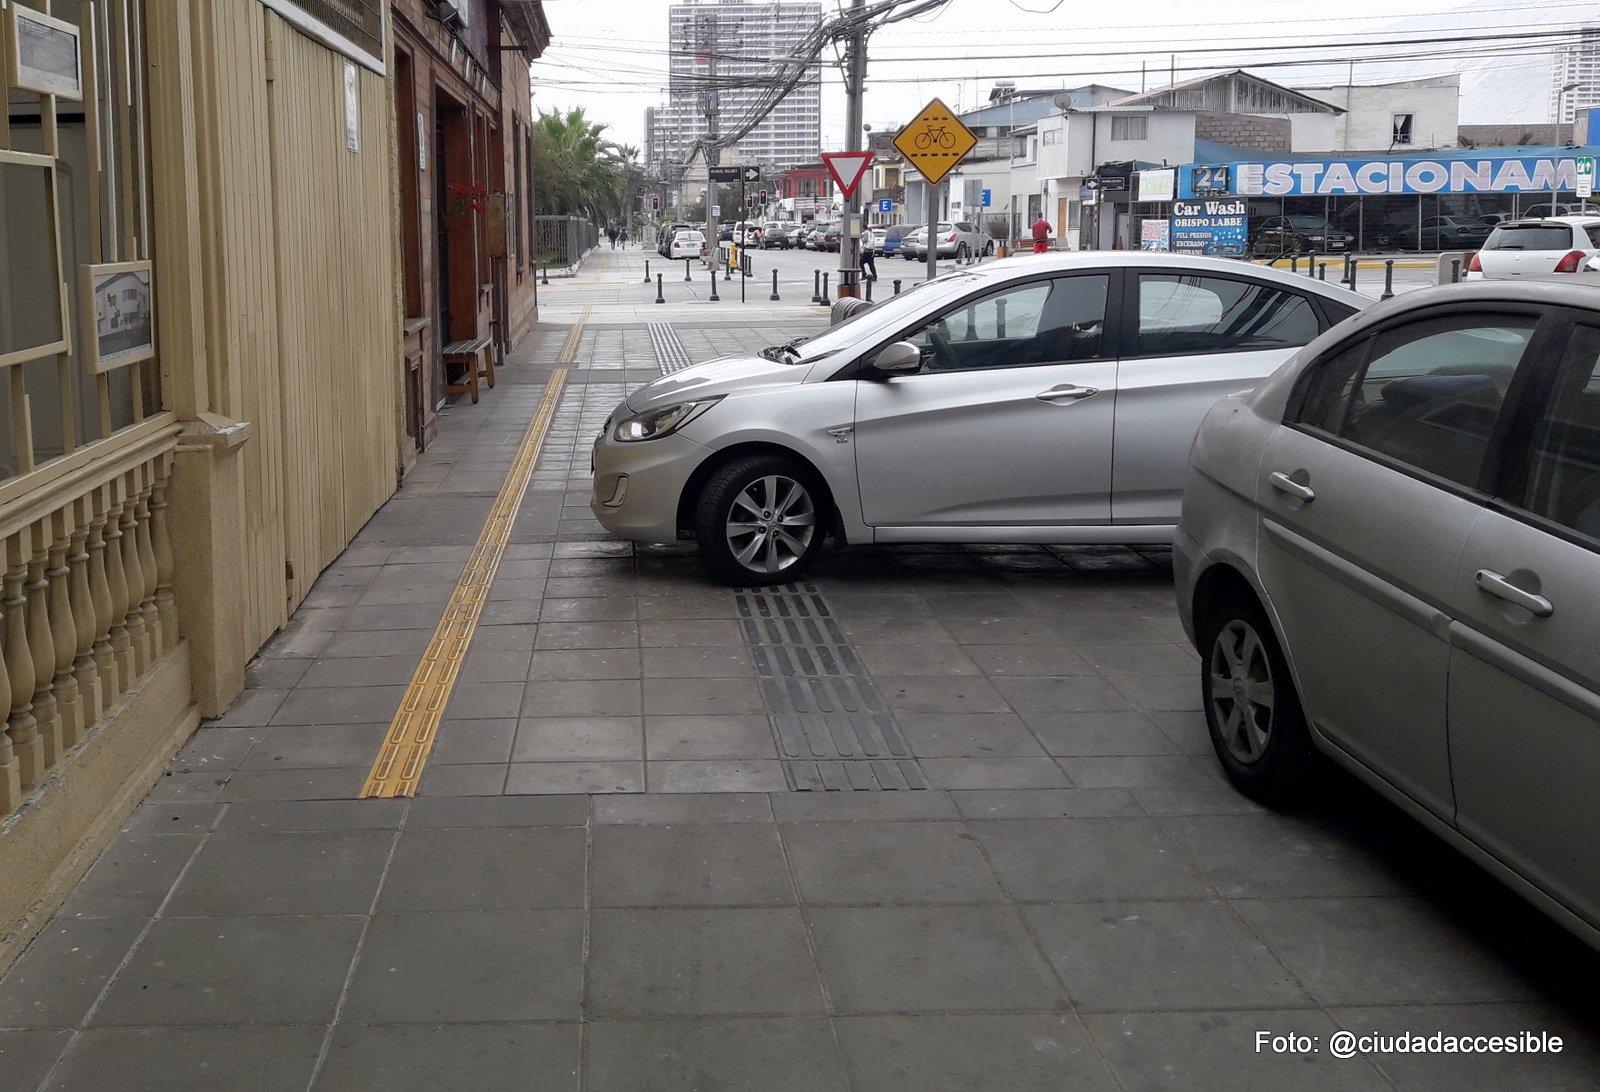 autos estacionados sobre la vereda uno de ellos casi encima de la guía podotáctil de avance